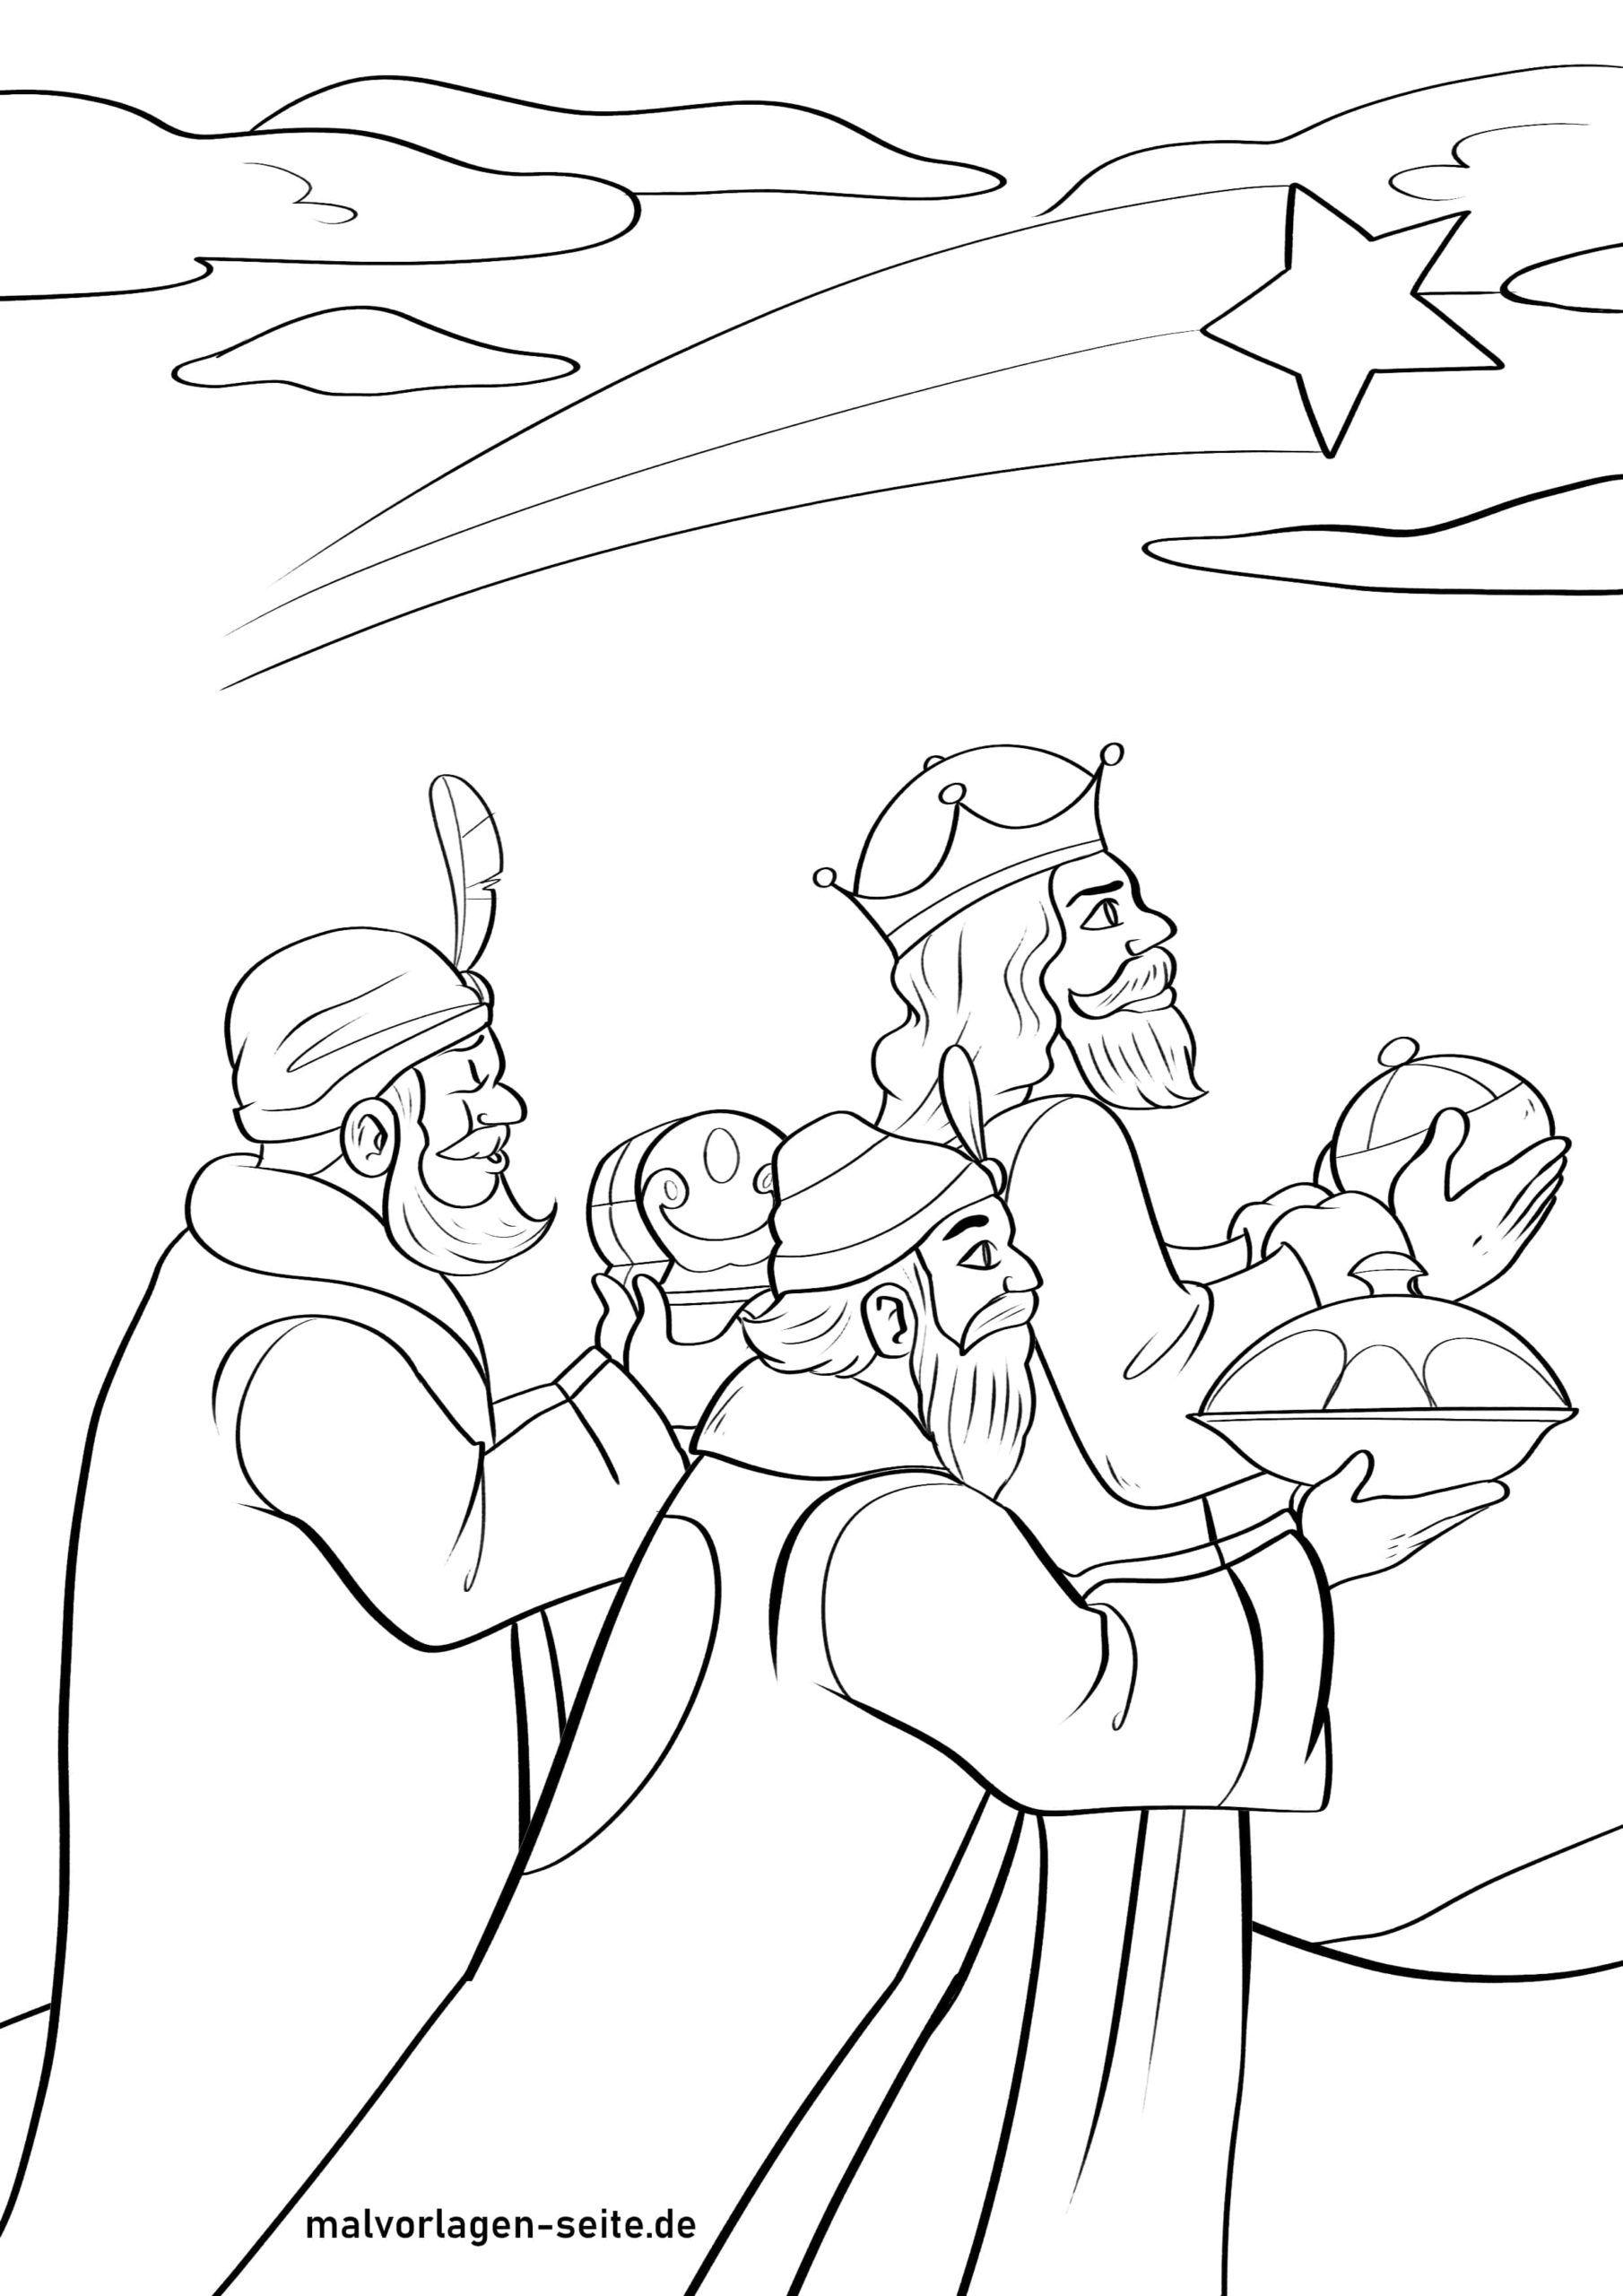 খোলামেলা পৃষ্ঠা, তিনটি জ্ঞানী লোককে খোলামেলা, সোনার এবং মরিচ দিয়ে